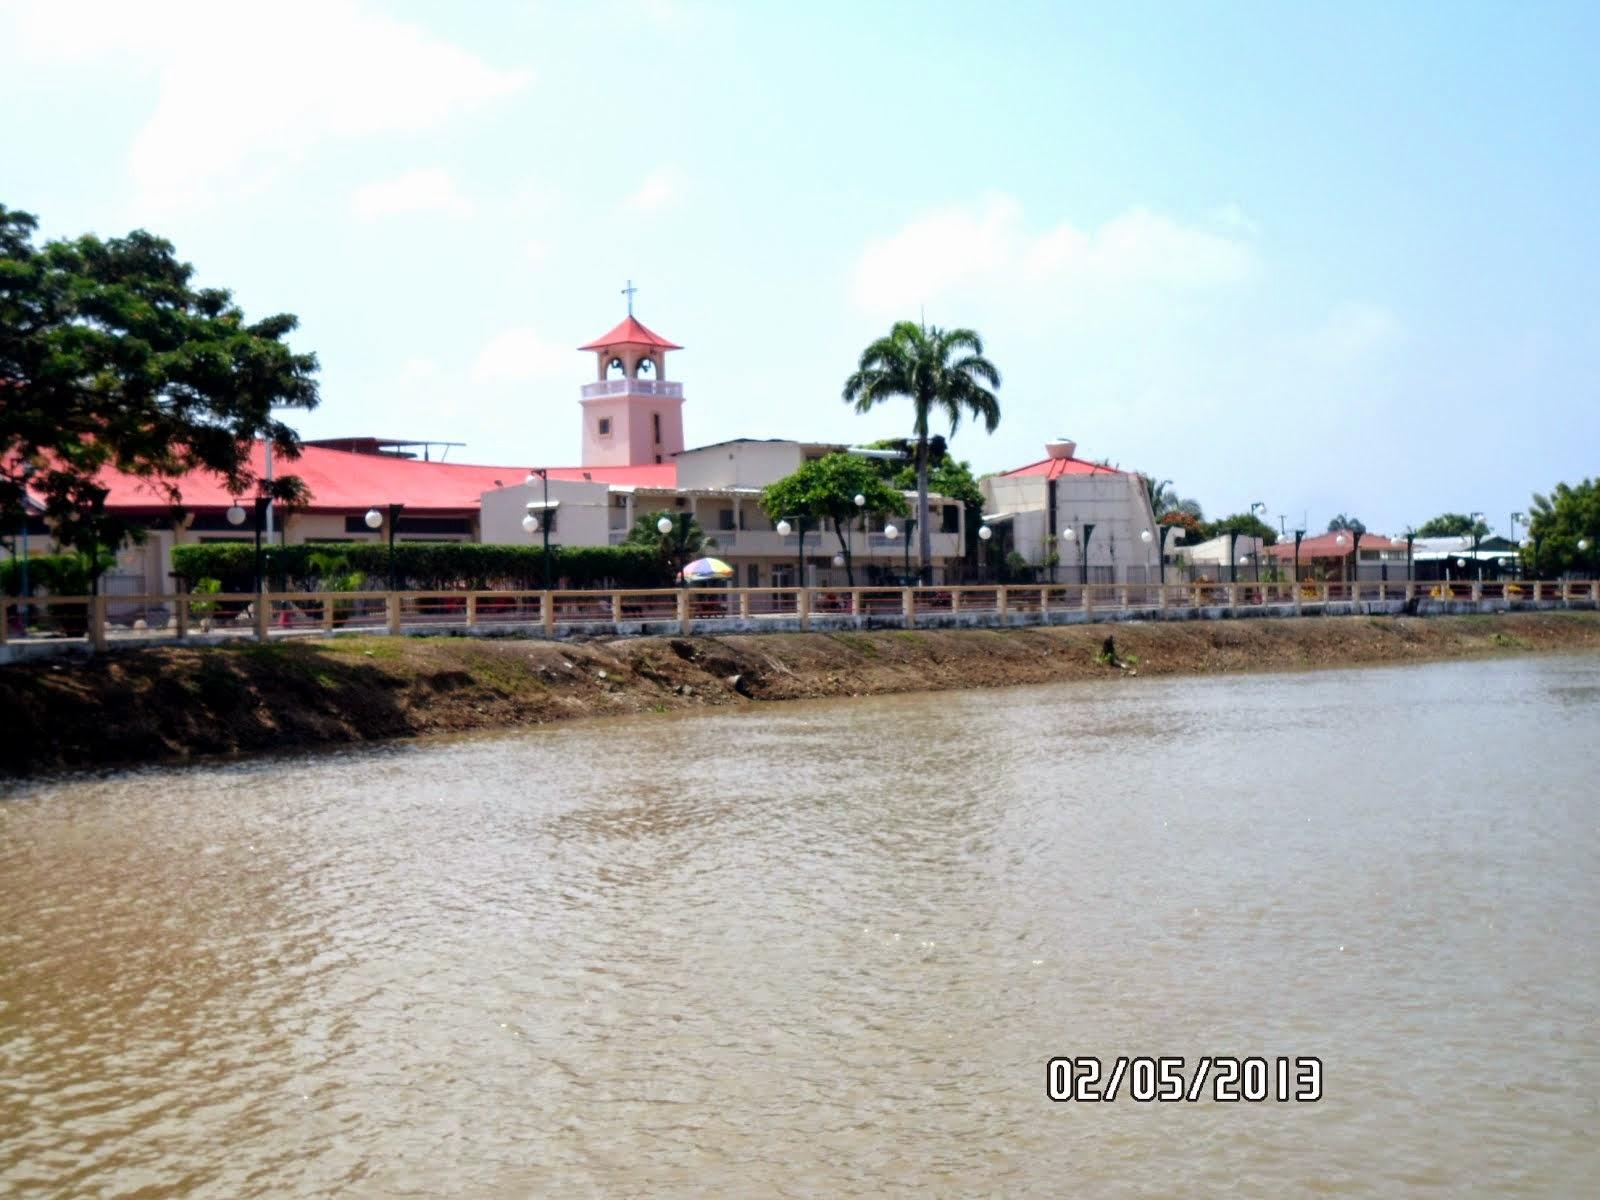 TRAVESIA A NOBOL, POR EL RIO DAULE